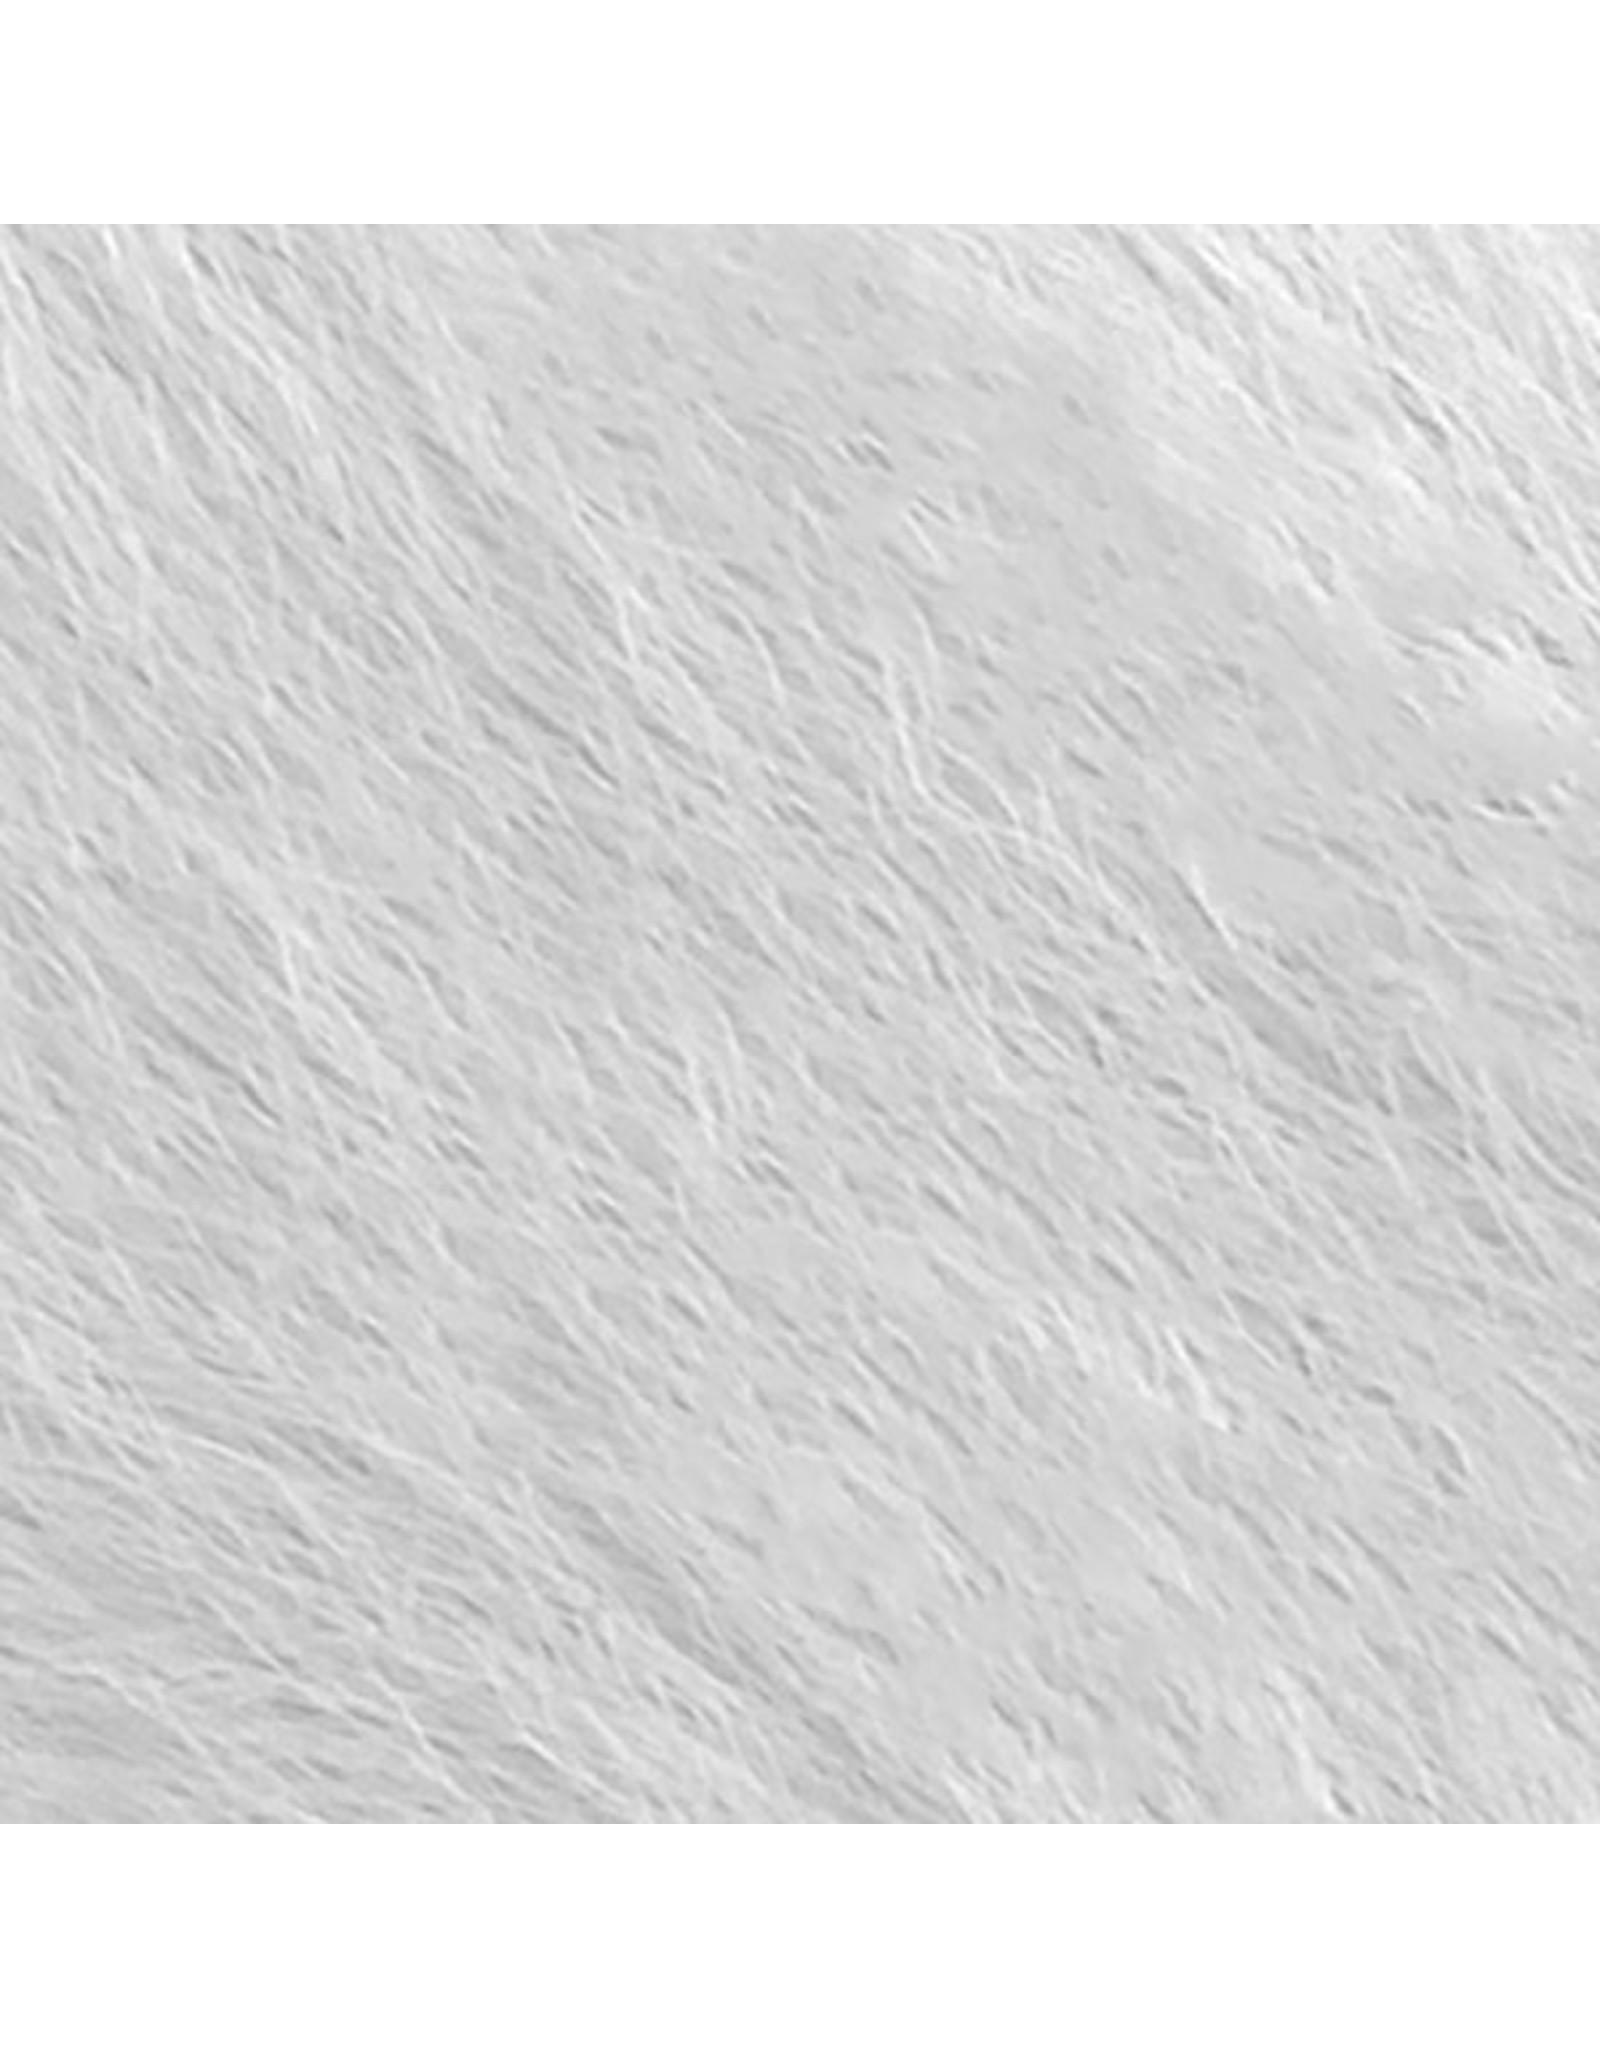 SHOR SHOR Calf Tail - Natural White